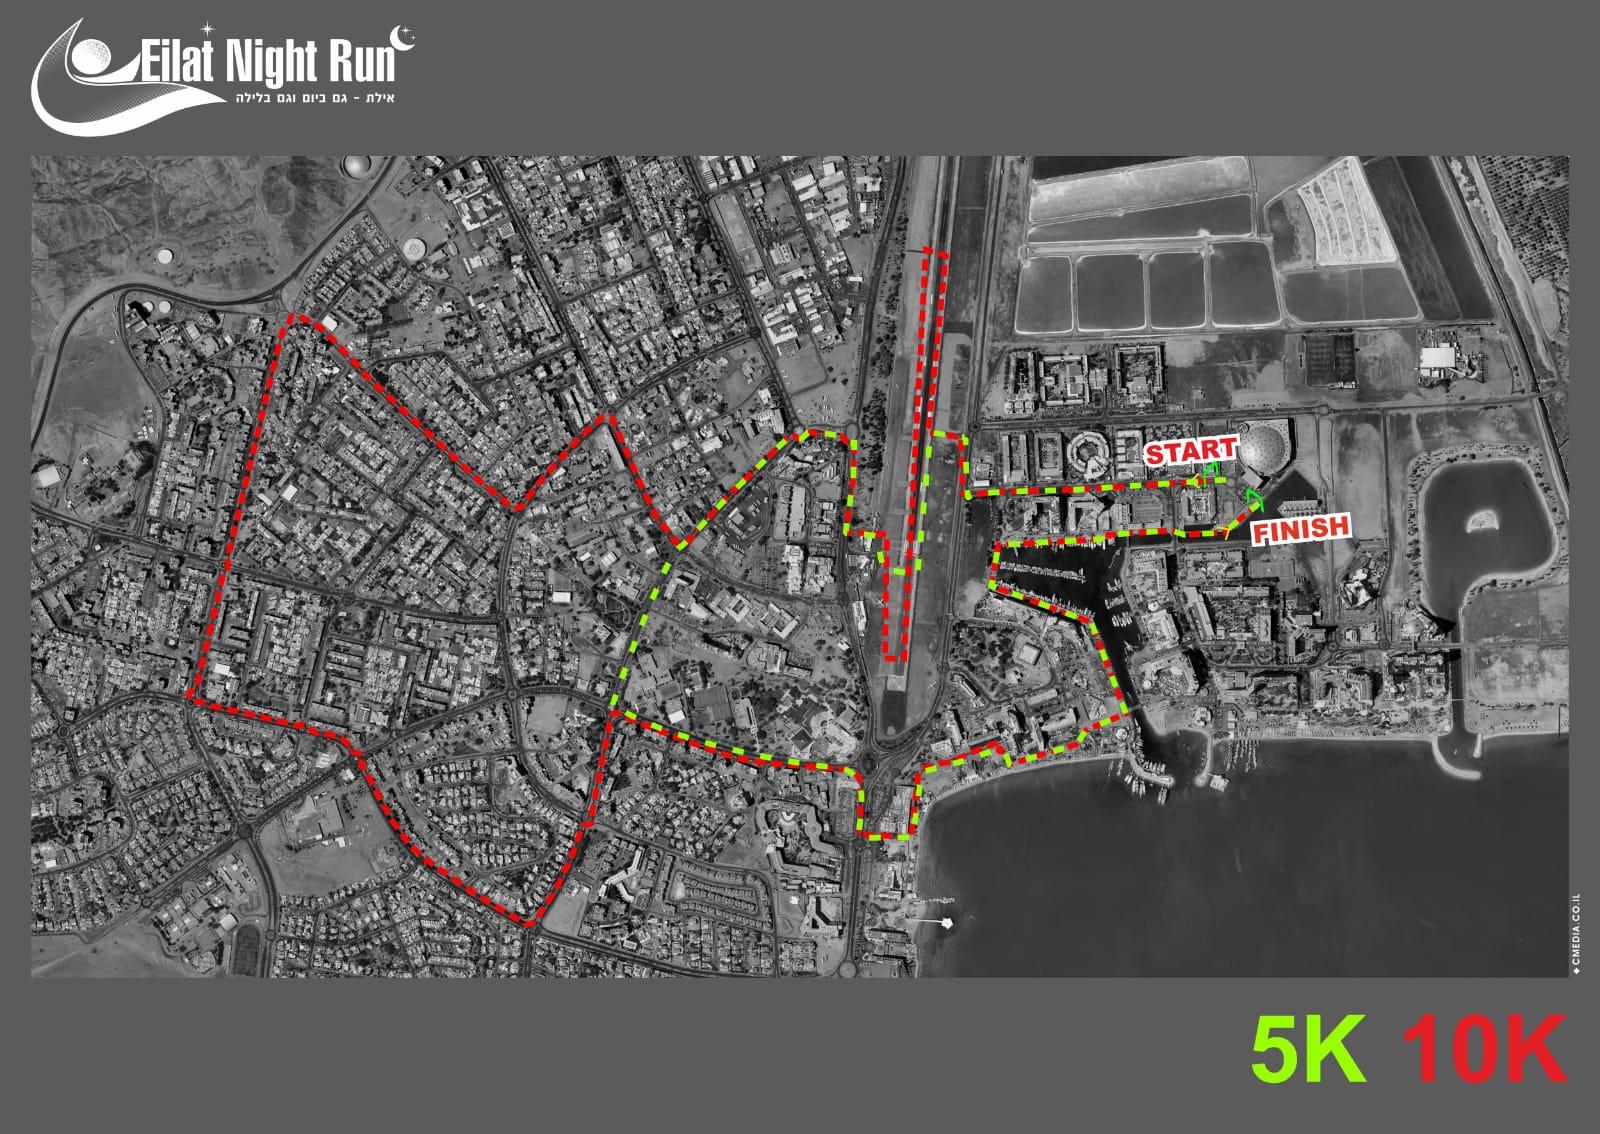 מרוץ אילת הרביעי - אלו הכבישים שיסגרו